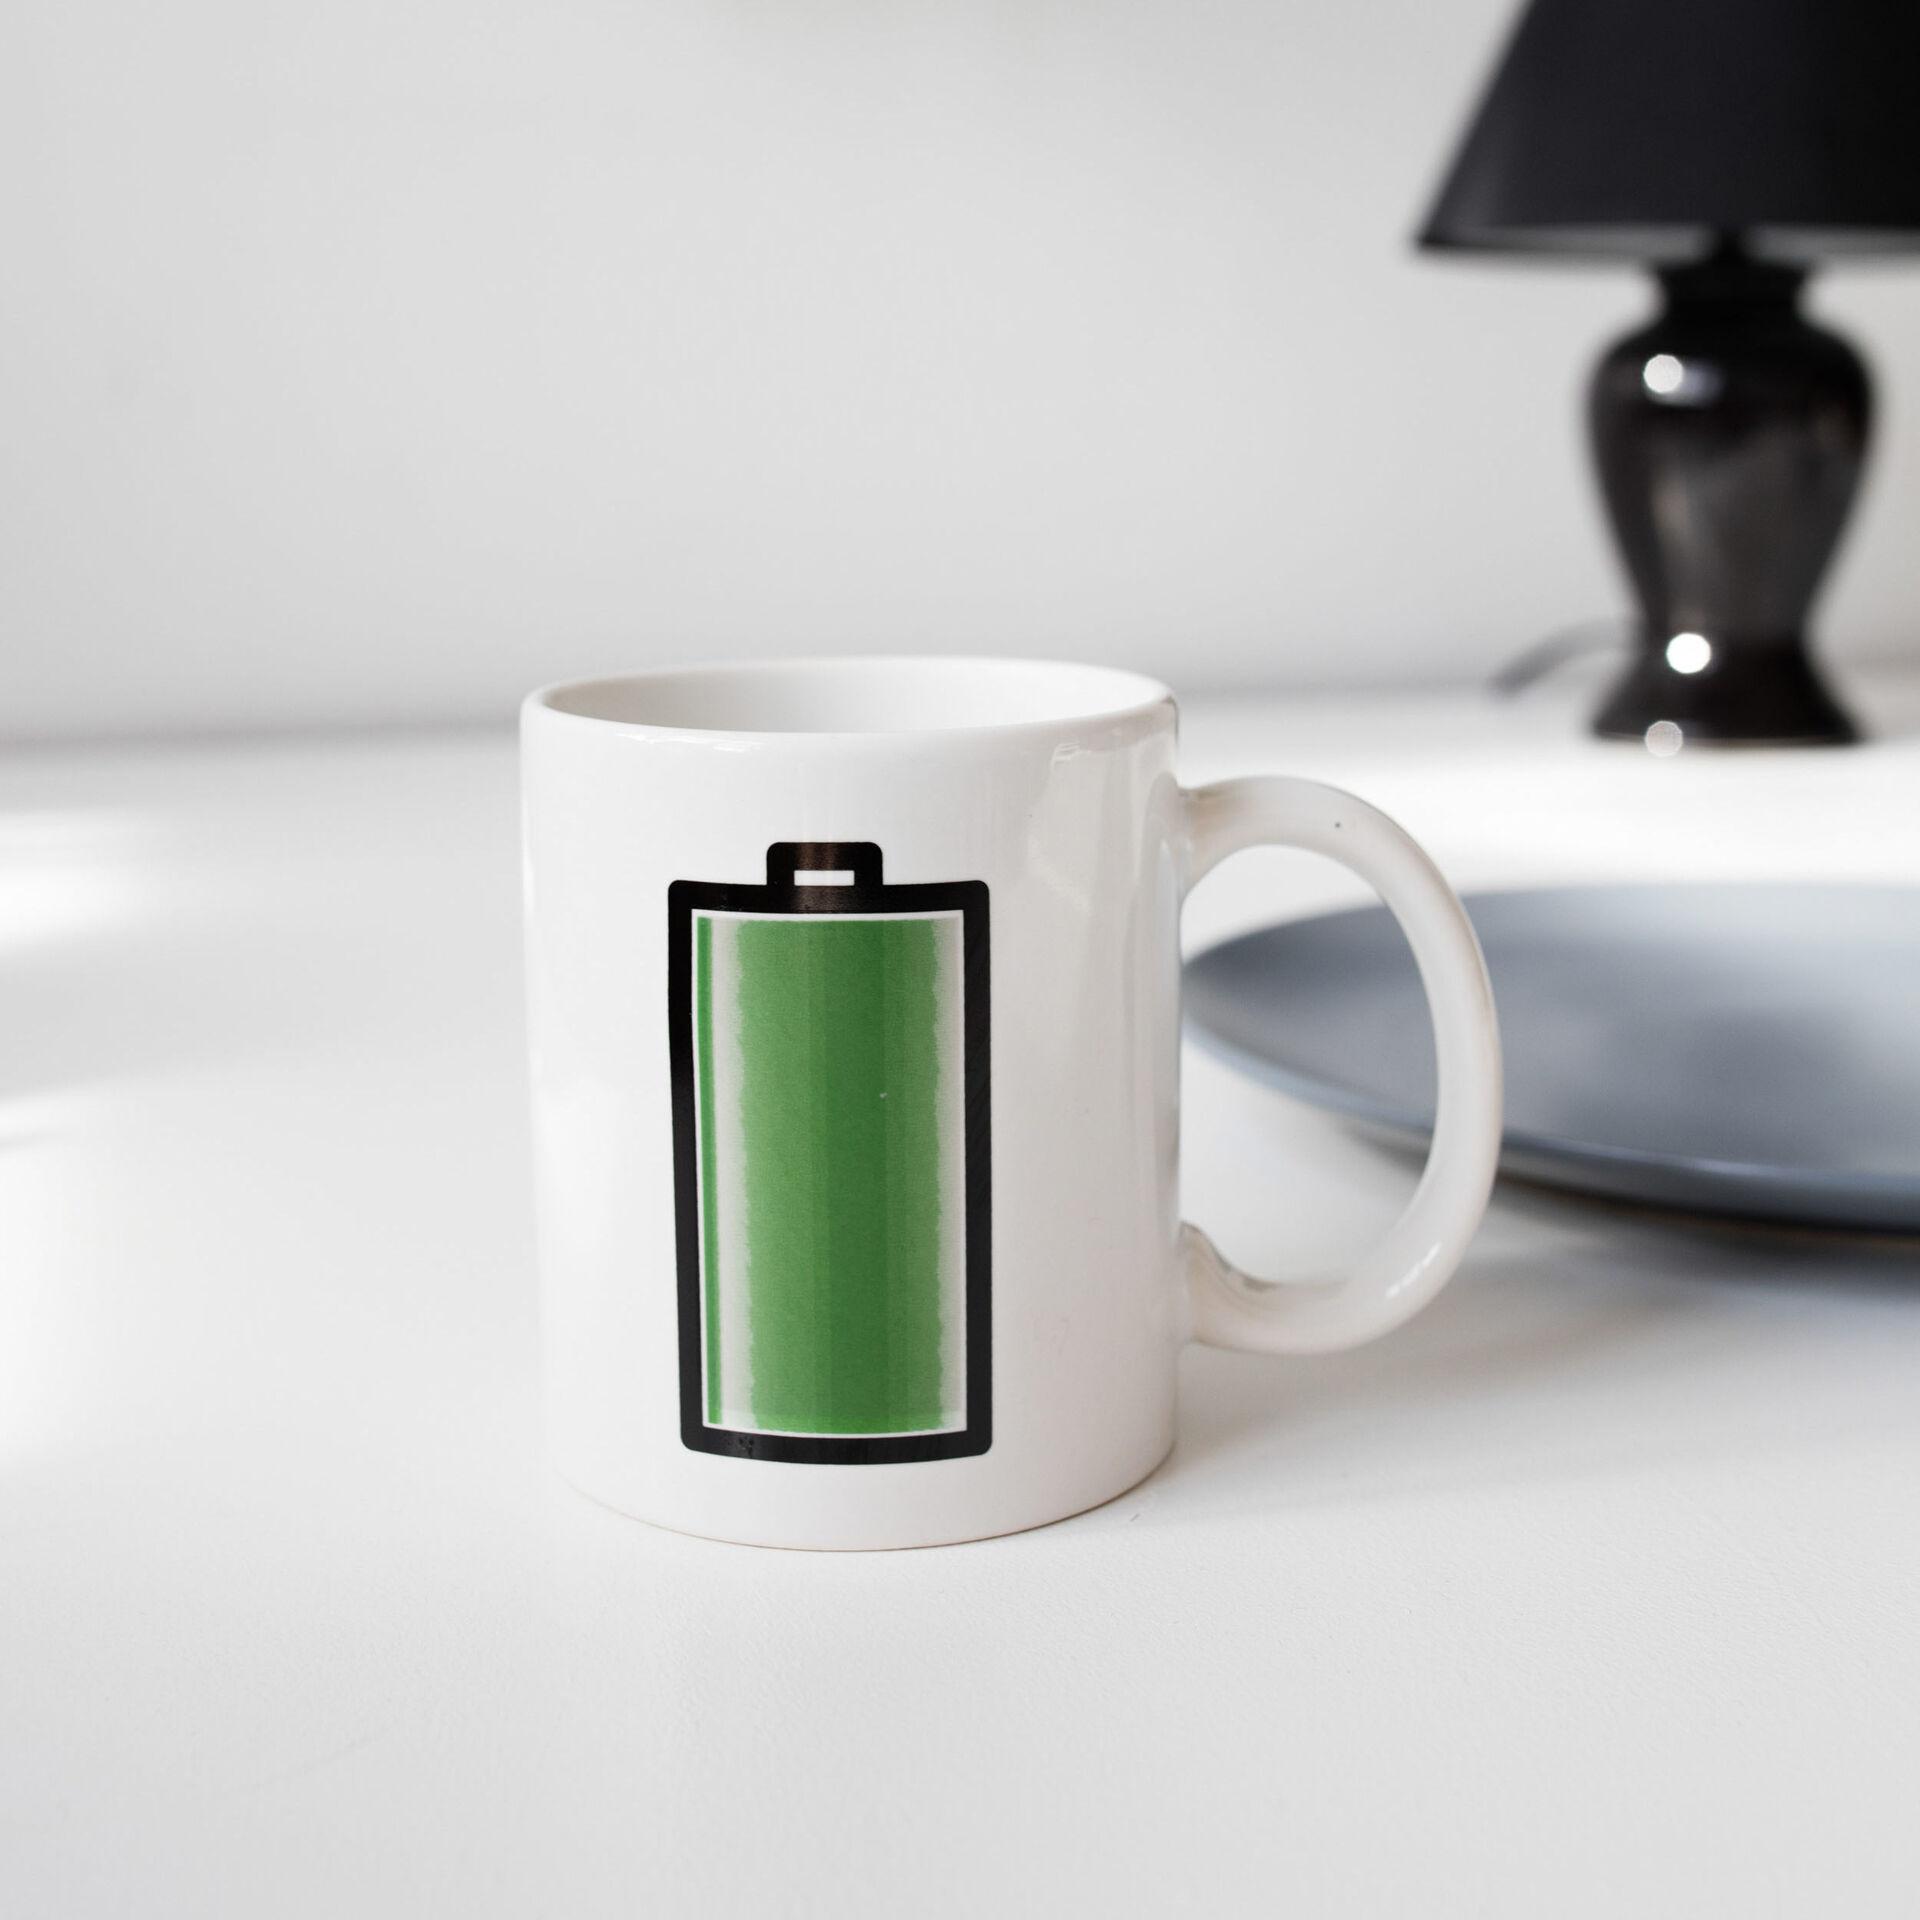 Tasse thermosensible avec couleurs changeantes -  Chargement de la batterie, , large